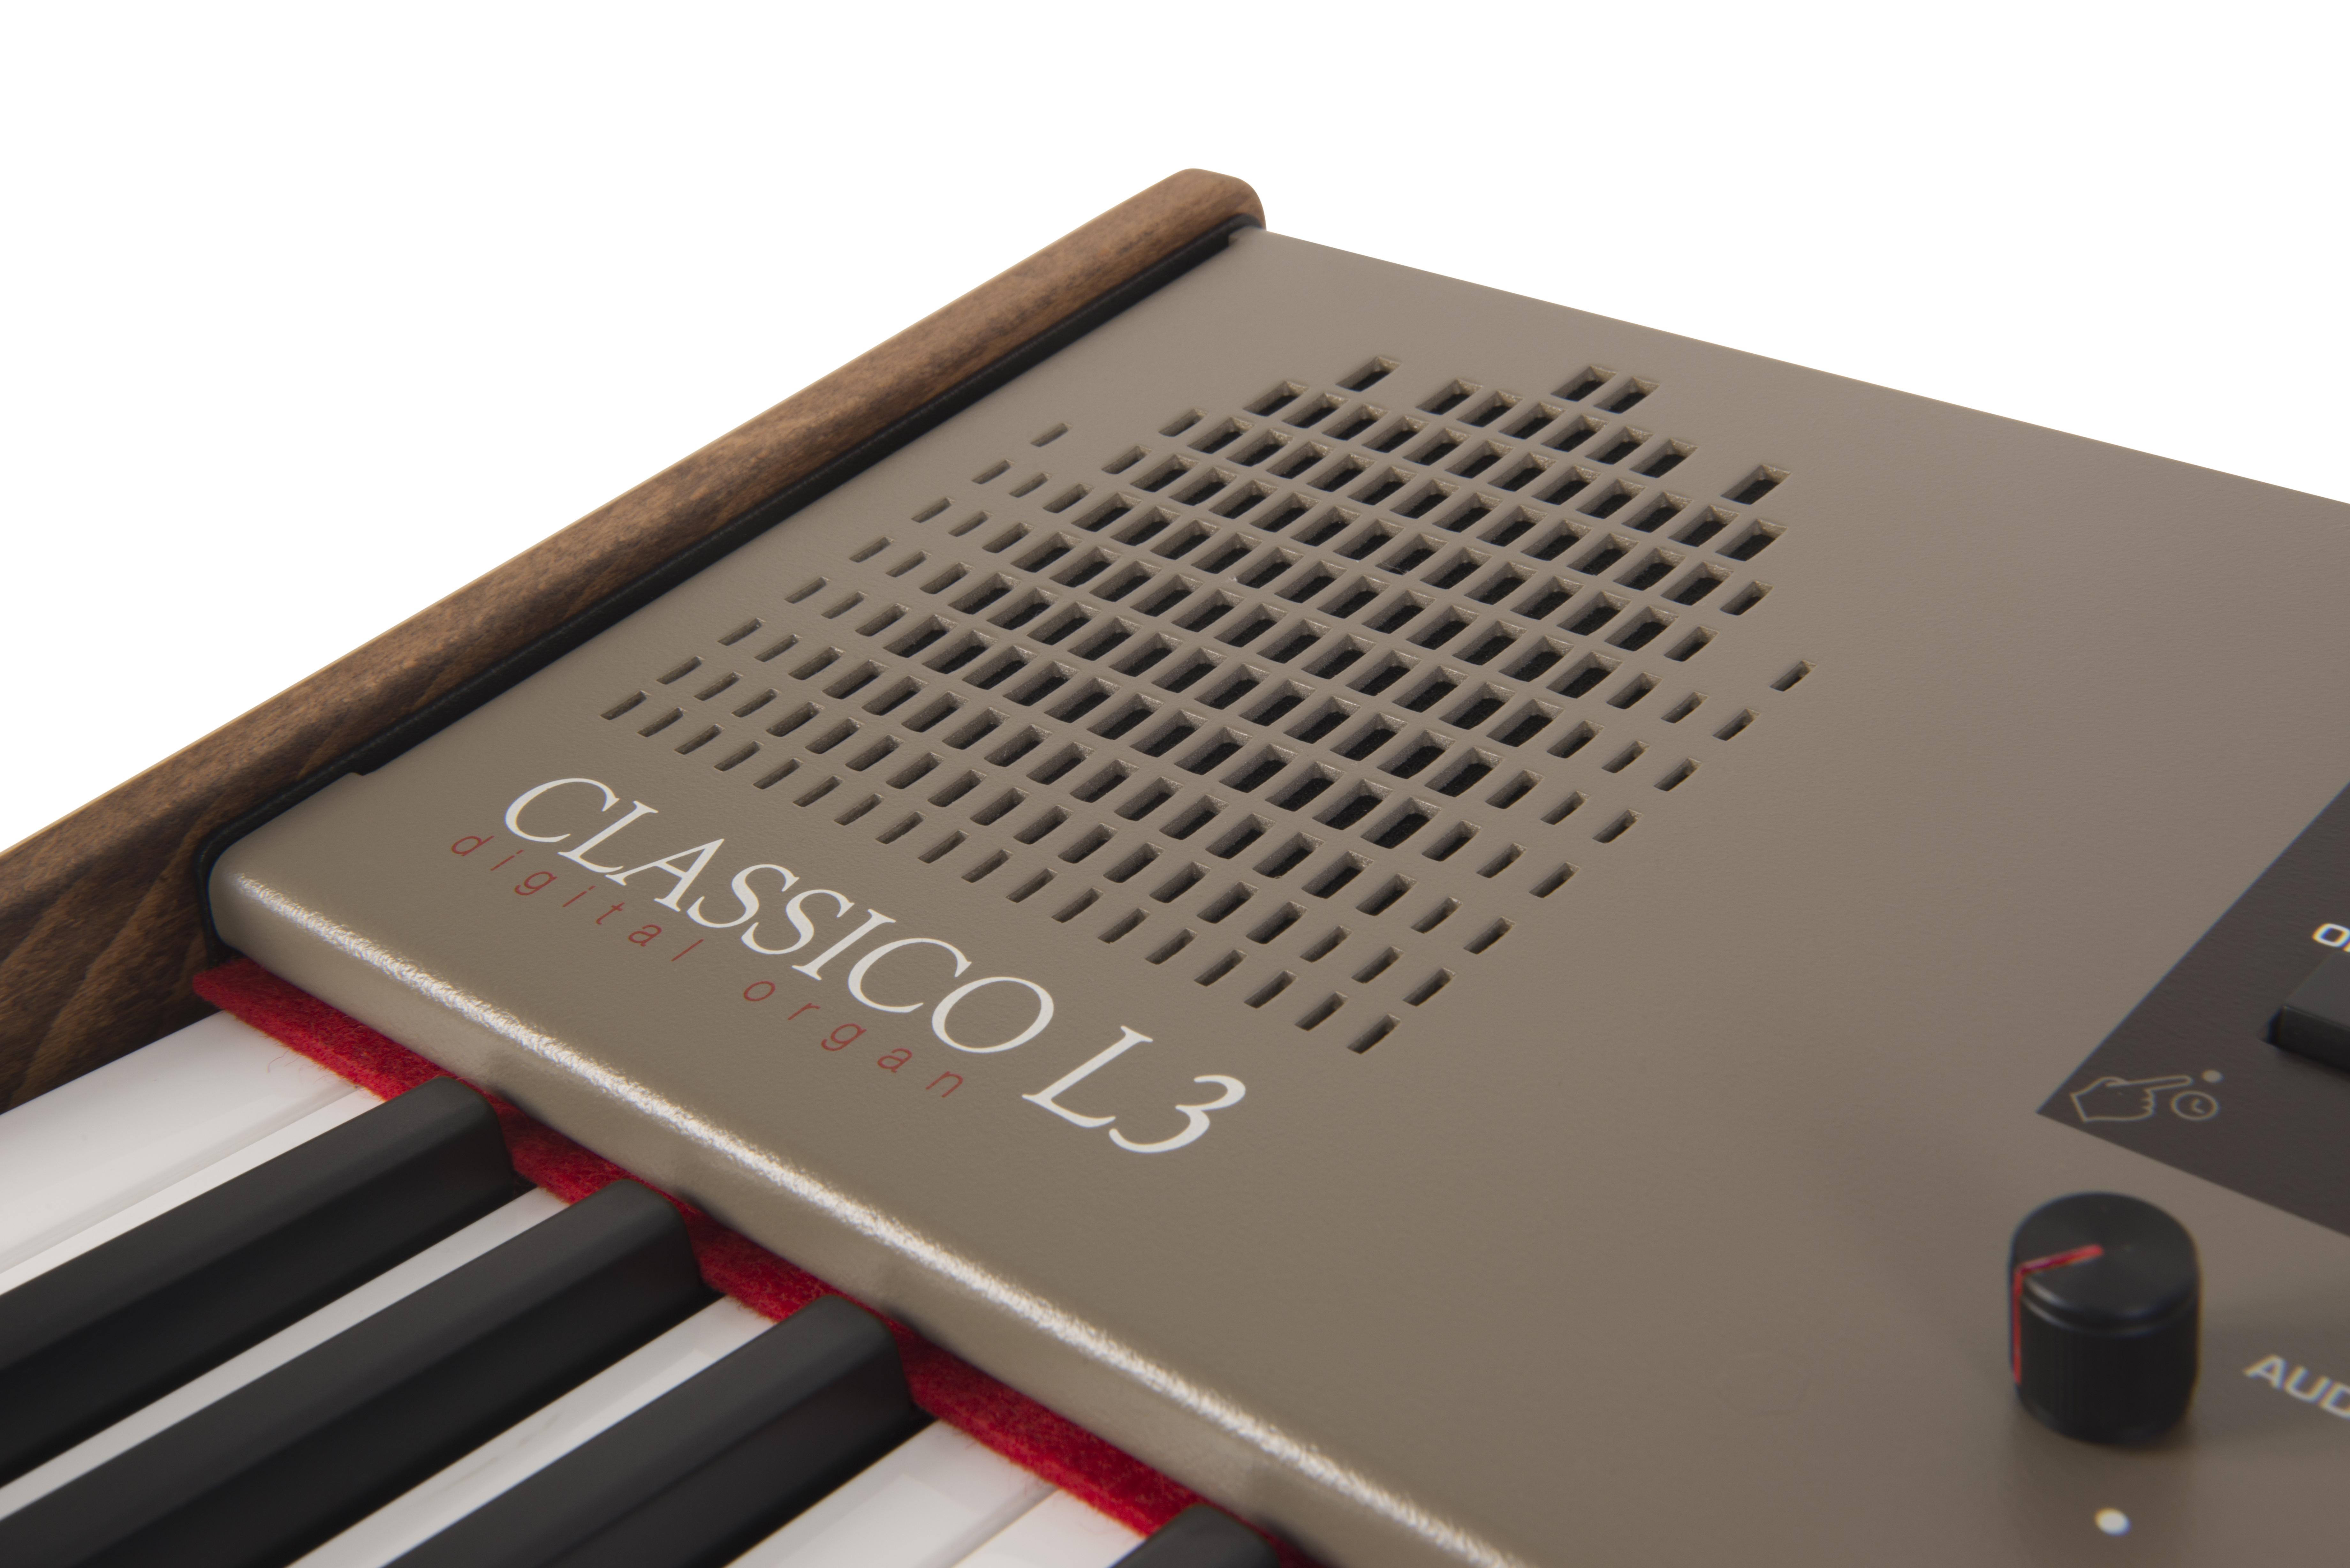 CLASSICO L3 (76鍵) スピード内蔵